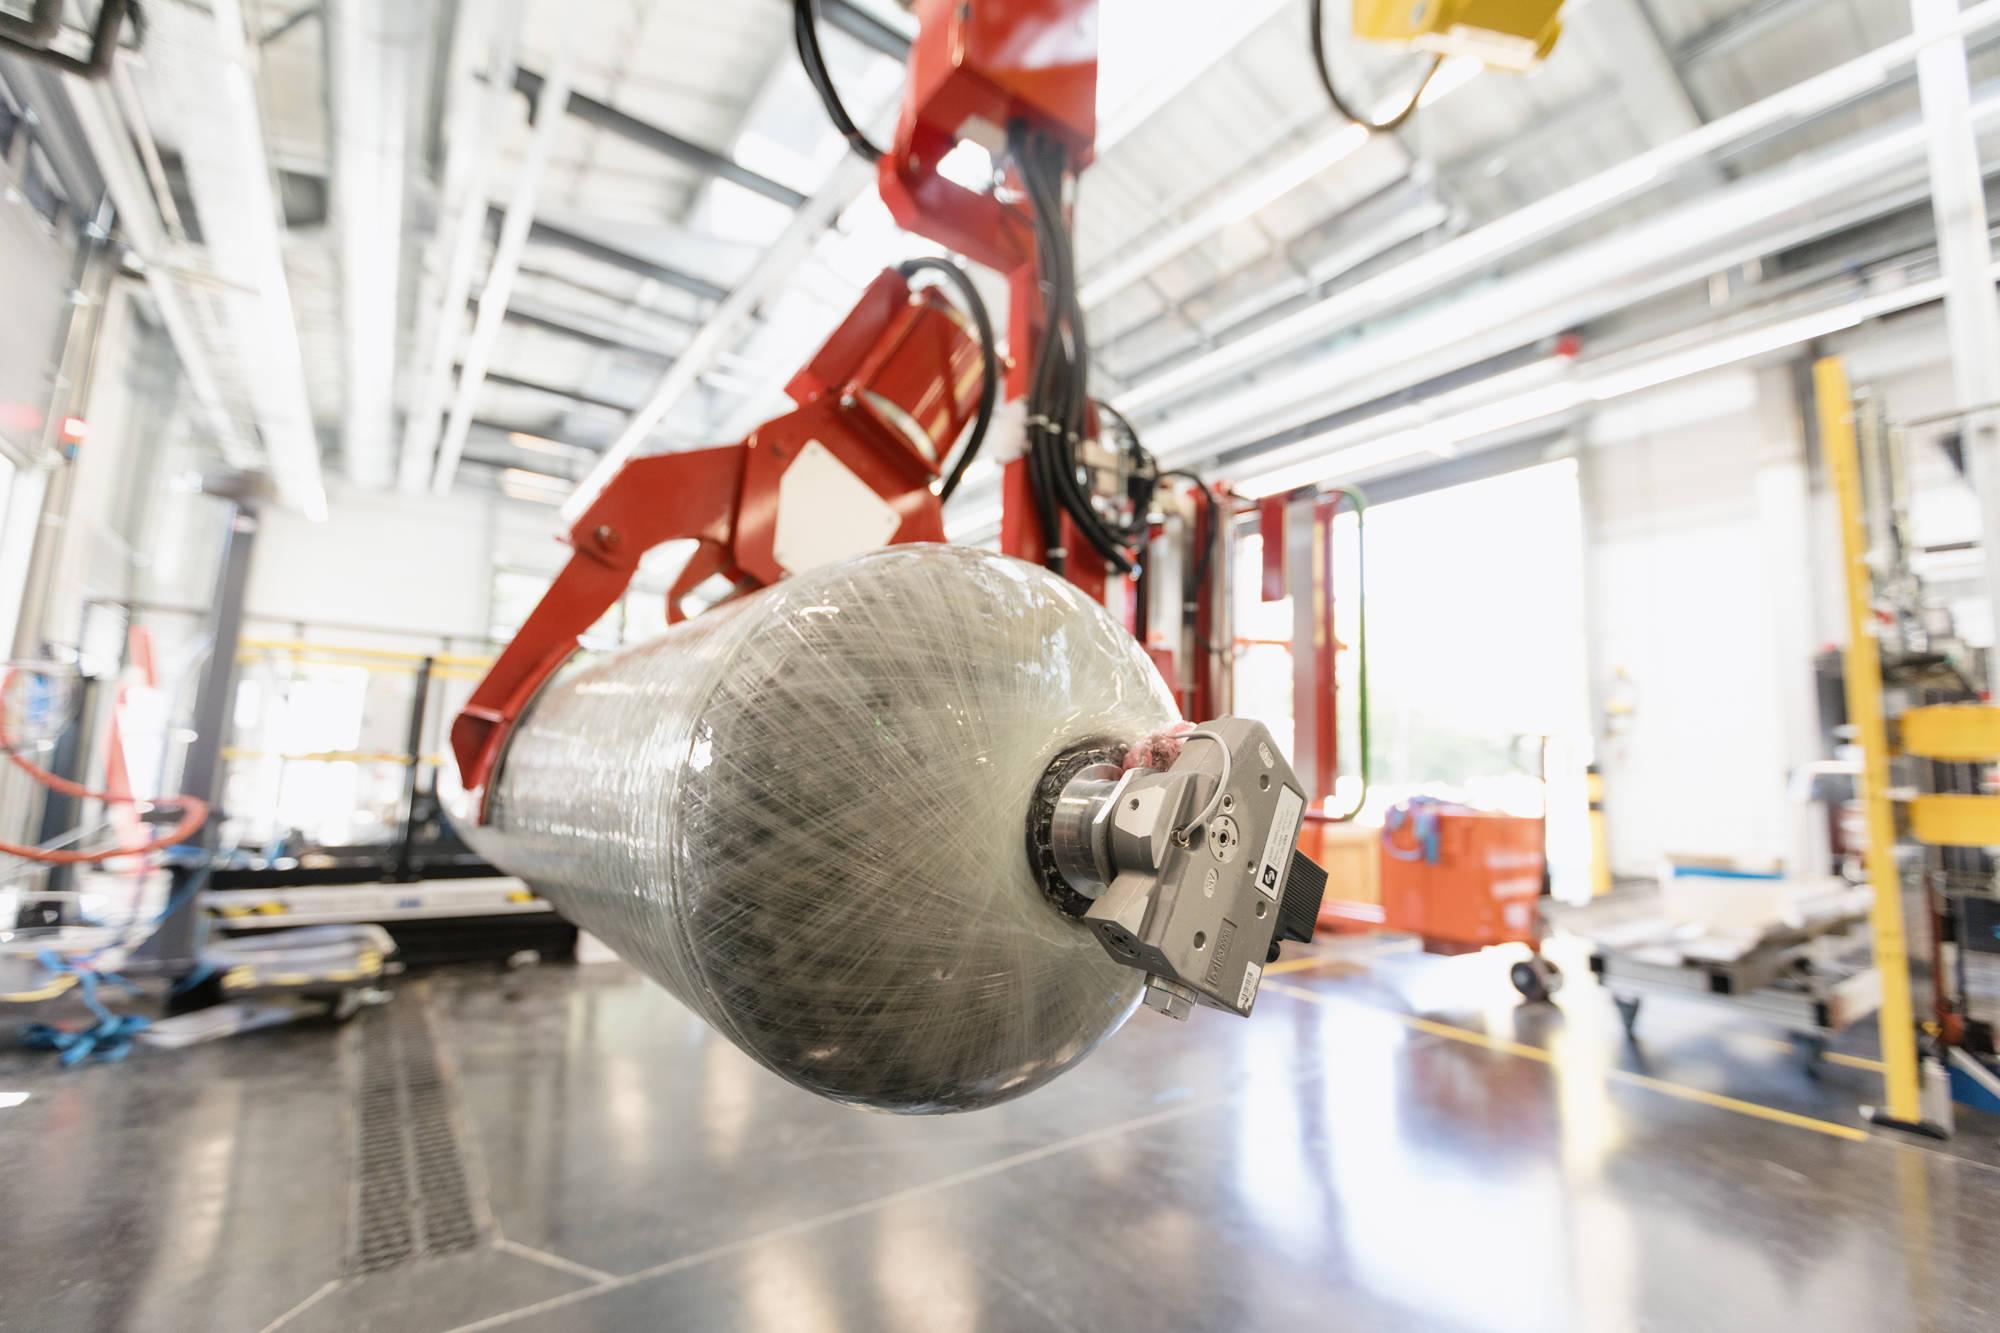 雷诺集团与佛吉亚将就氢燃料轻型商用车的储氢系统展开合作